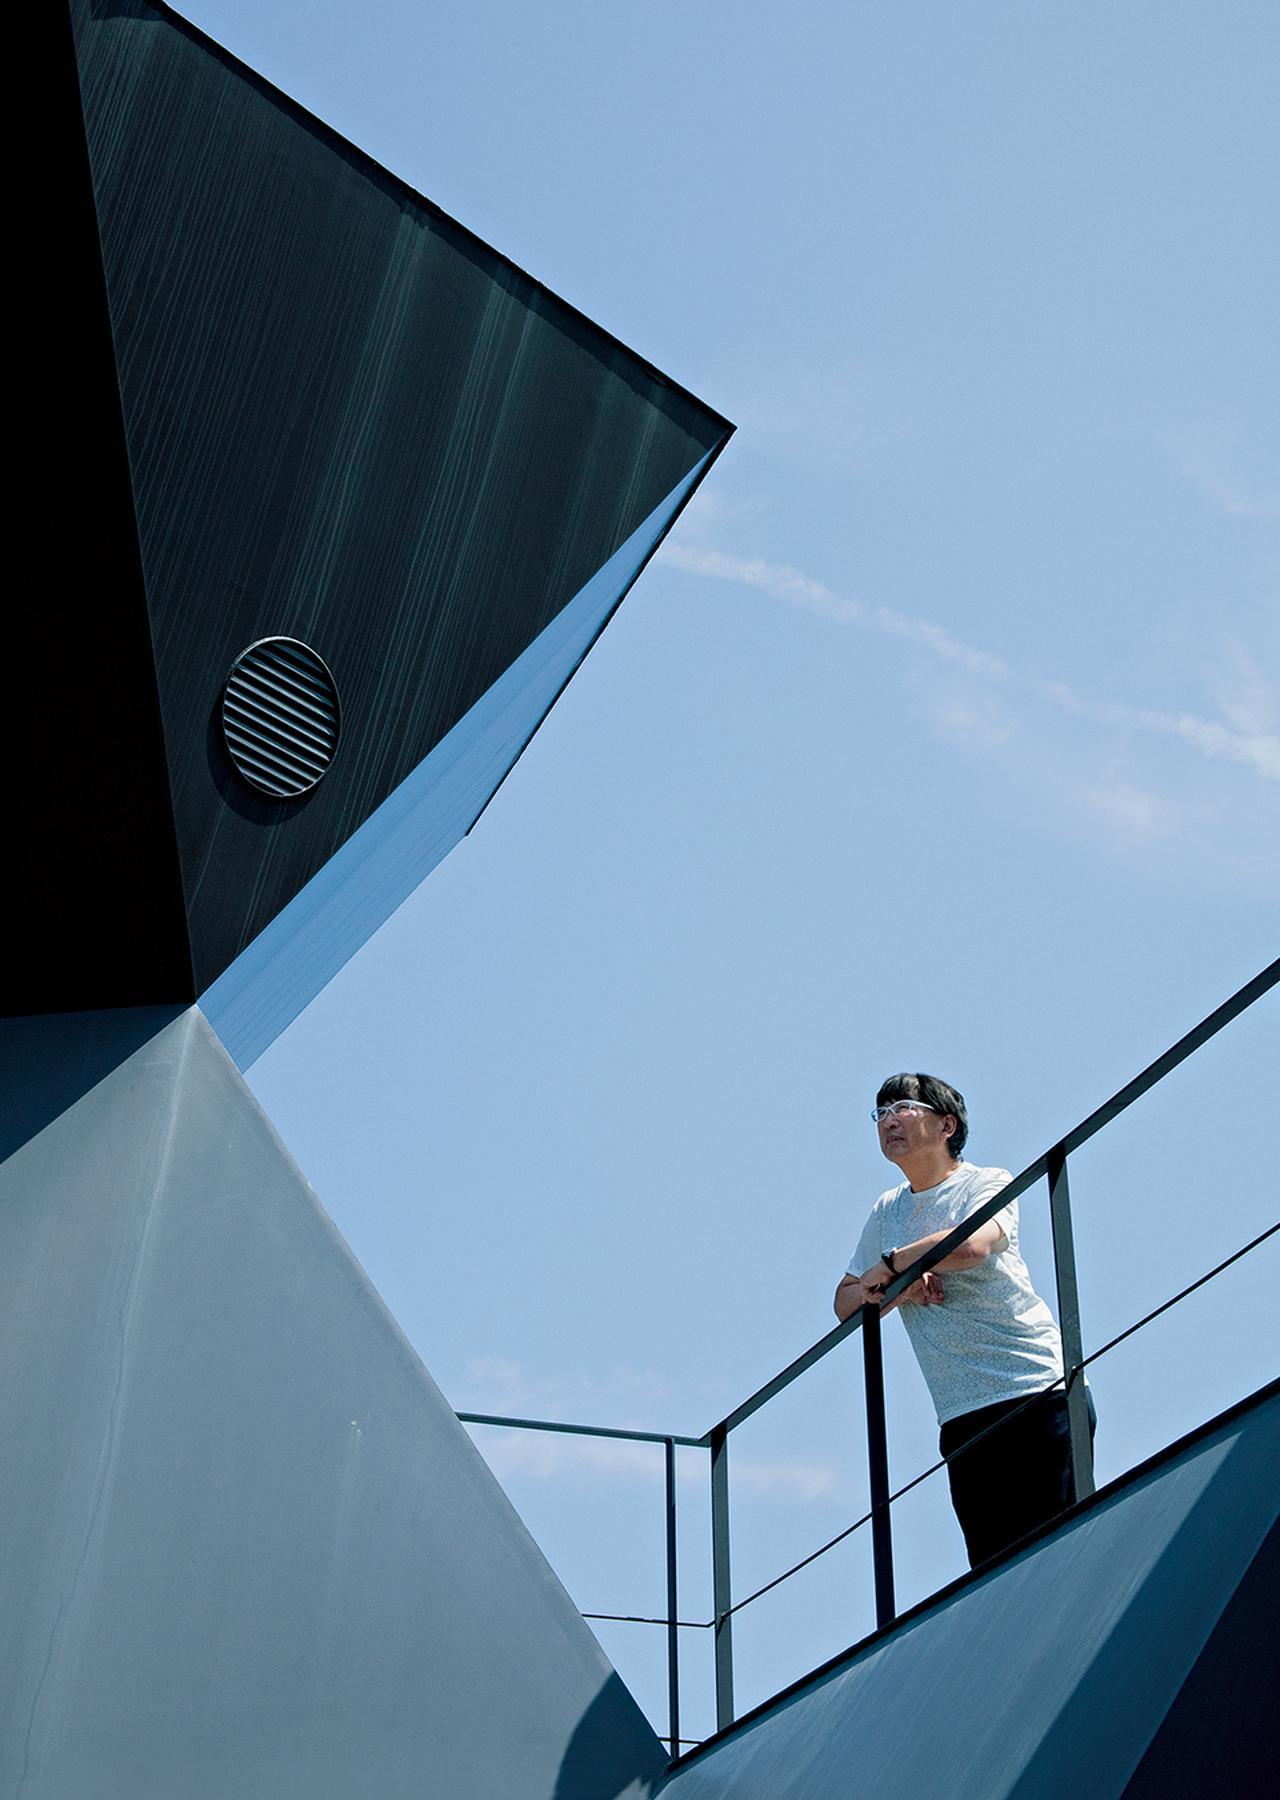 Images : 2番目の画像 - 「伊東豊雄が瀬戸内海の島で挑戦する 明日のライフスタイル」のアルバム - T JAPAN:The New York Times Style Magazine 公式サイト